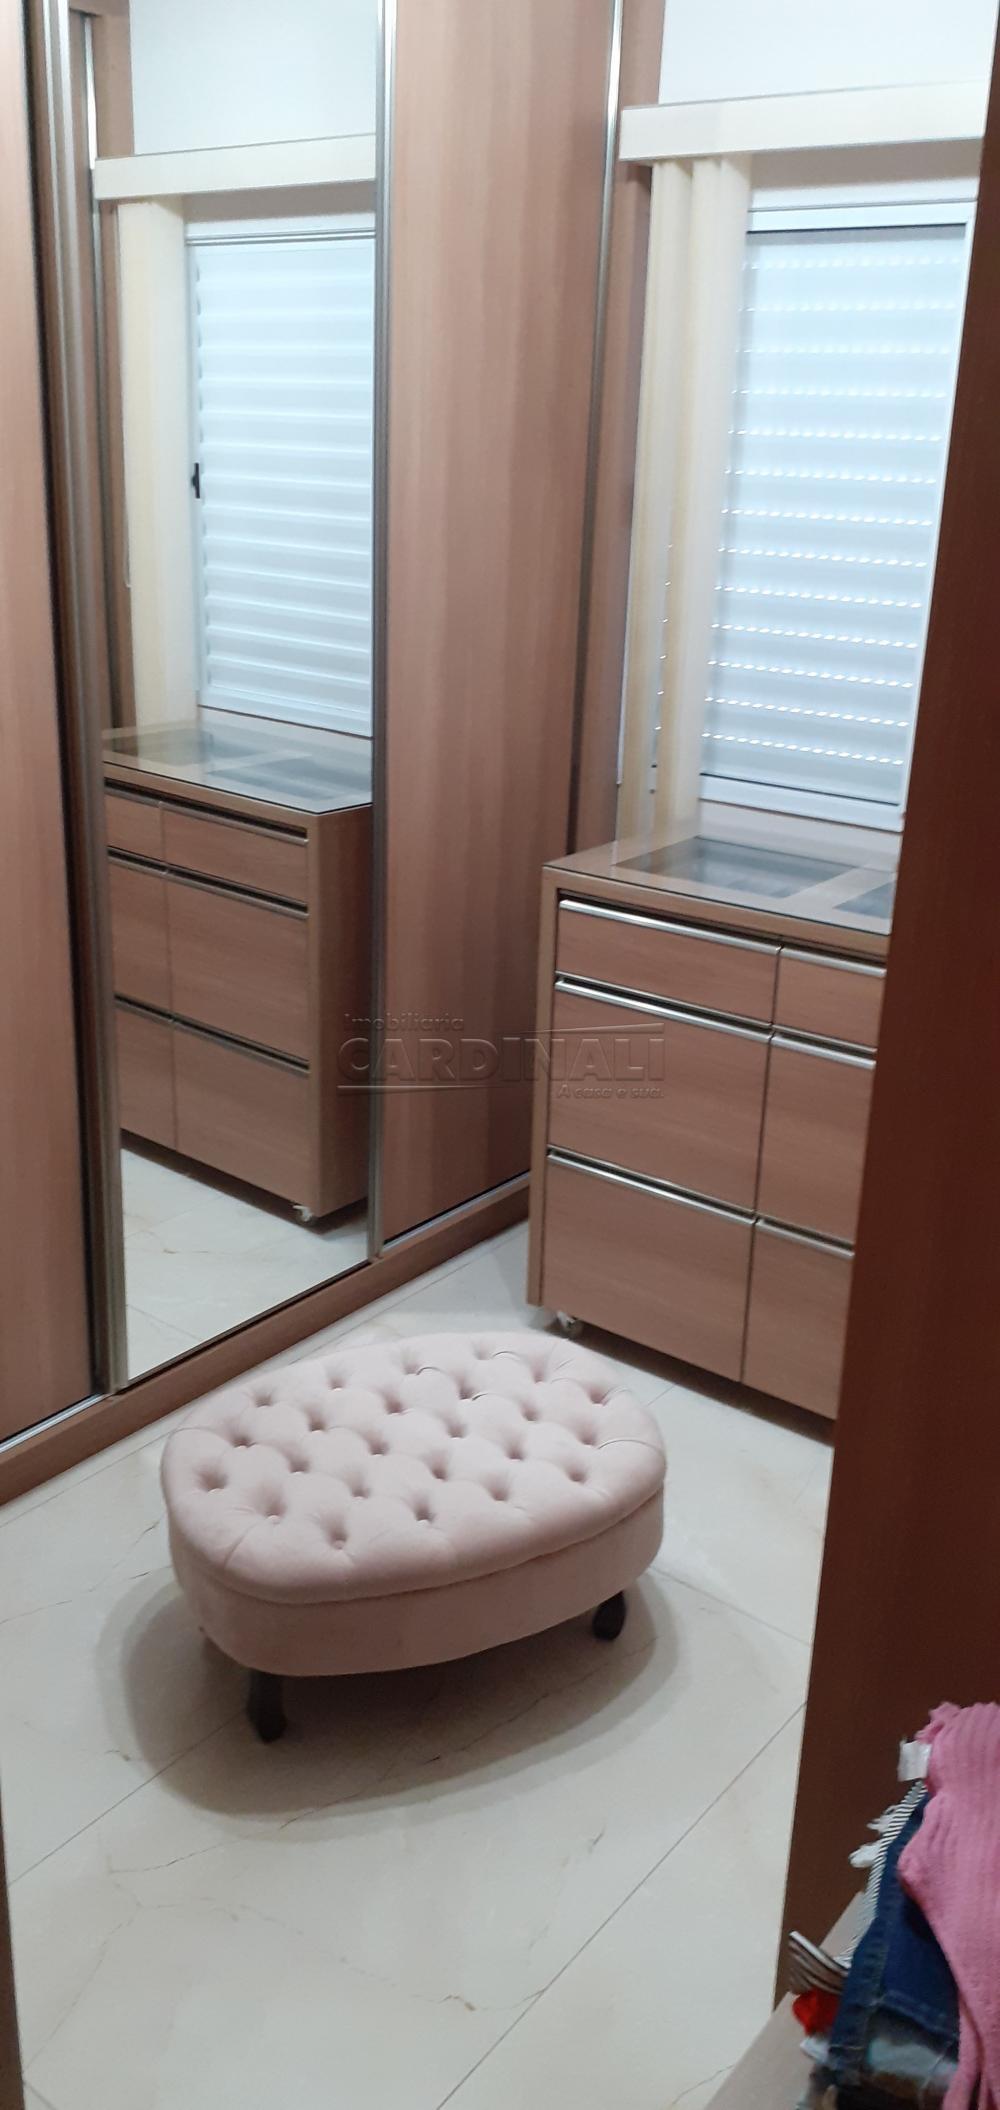 Alugar Apartamento / Padrão em São Carlos apenas R$ 1.700,00 - Foto 16